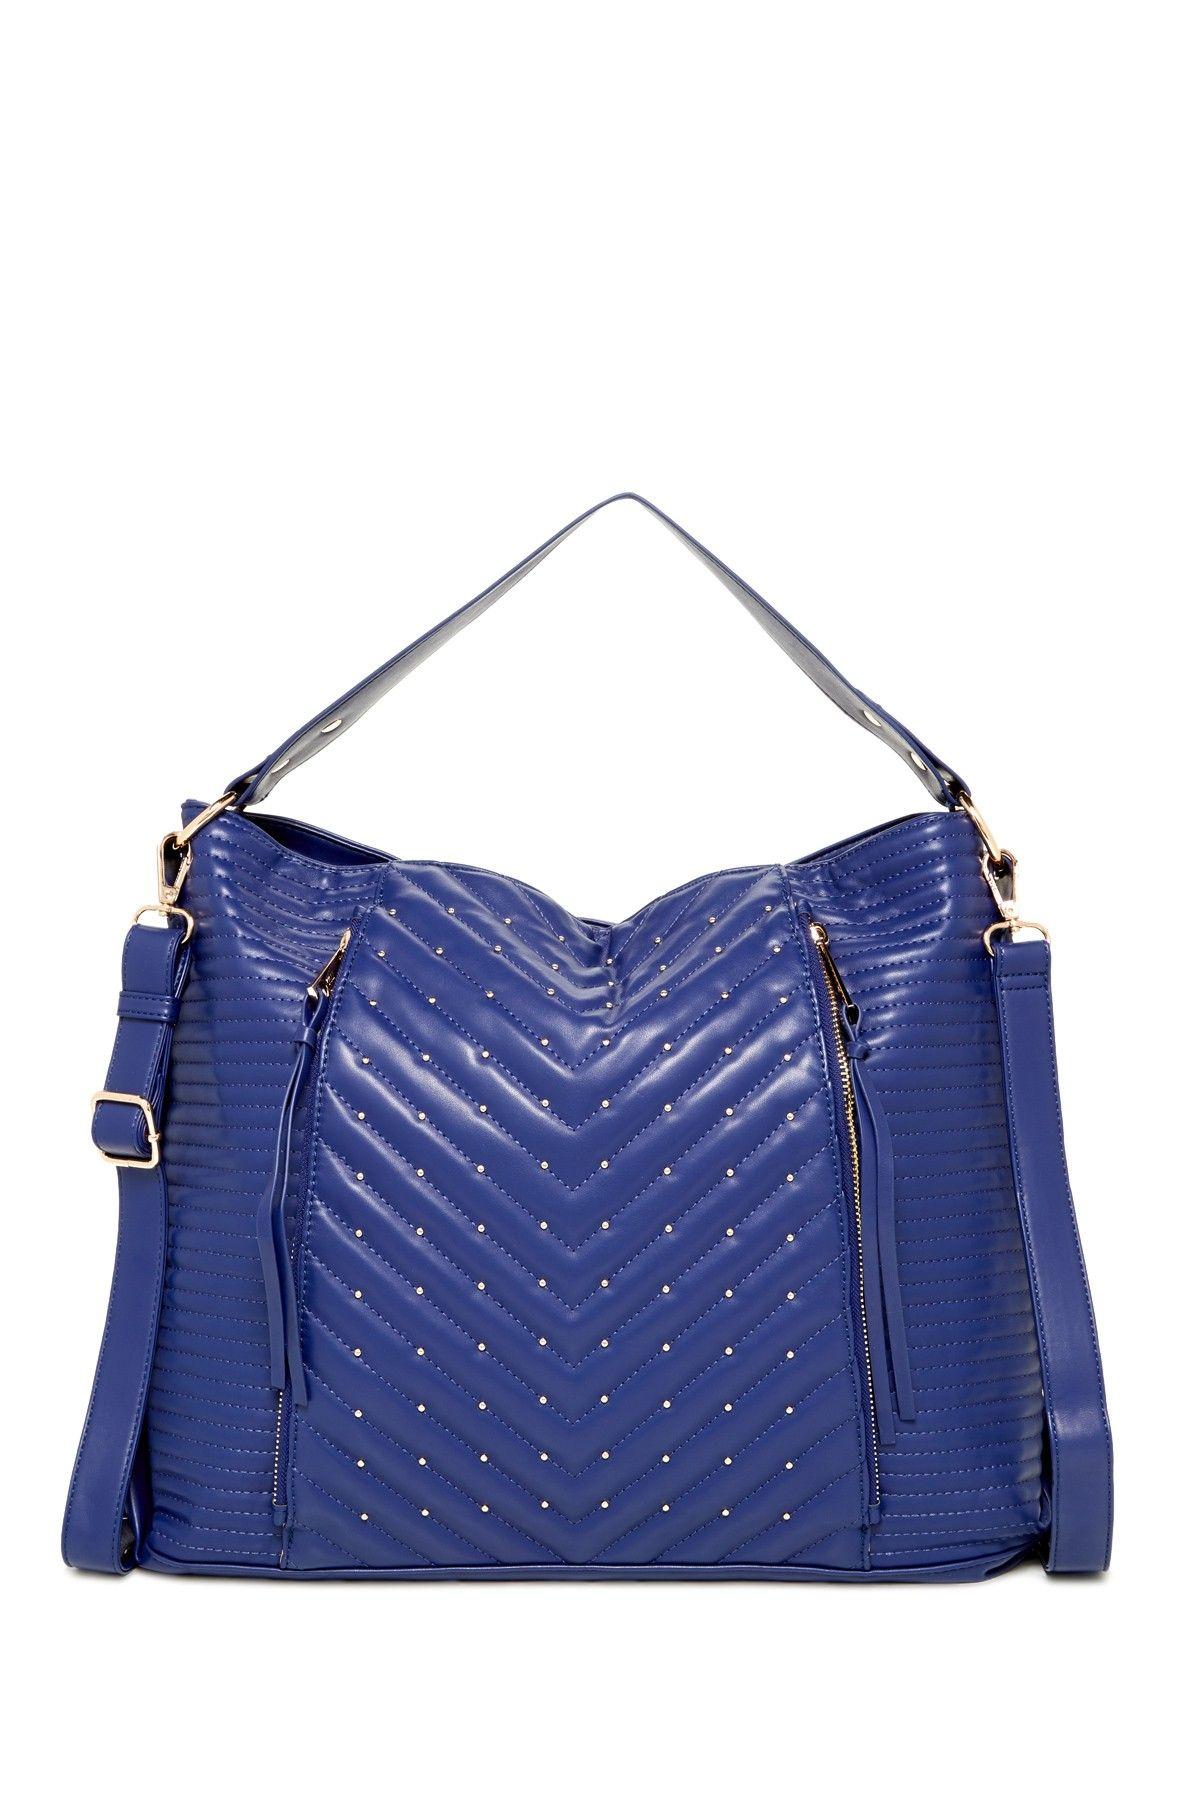 Melie Bianco Clair Handbag Bags, Melie bianco, Handbags